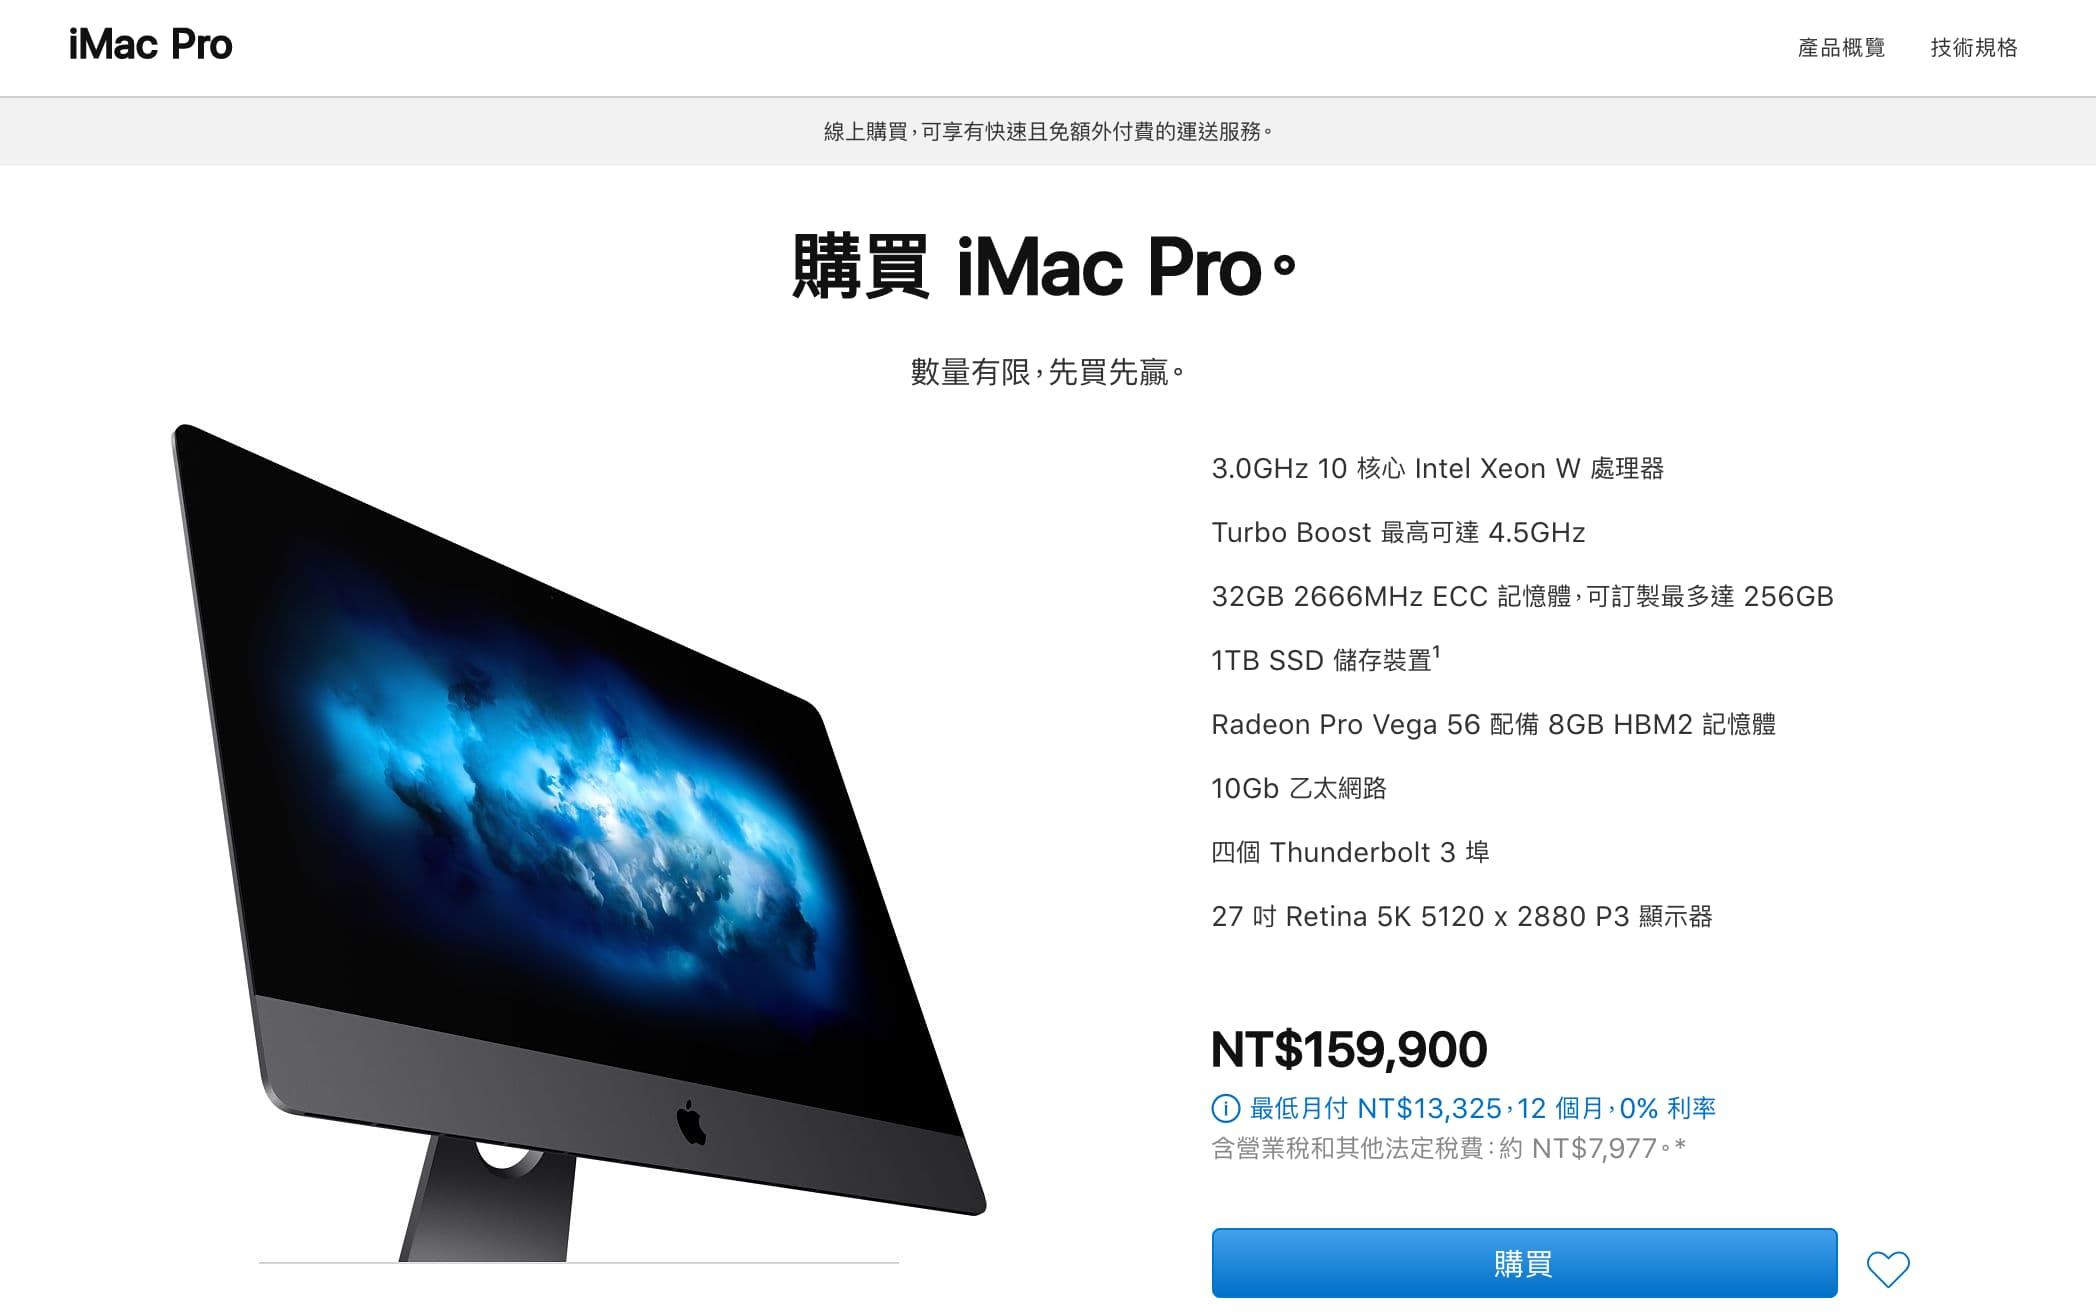 iMac Pro停售準備走入歷史?蘋果證實售完不再更新1